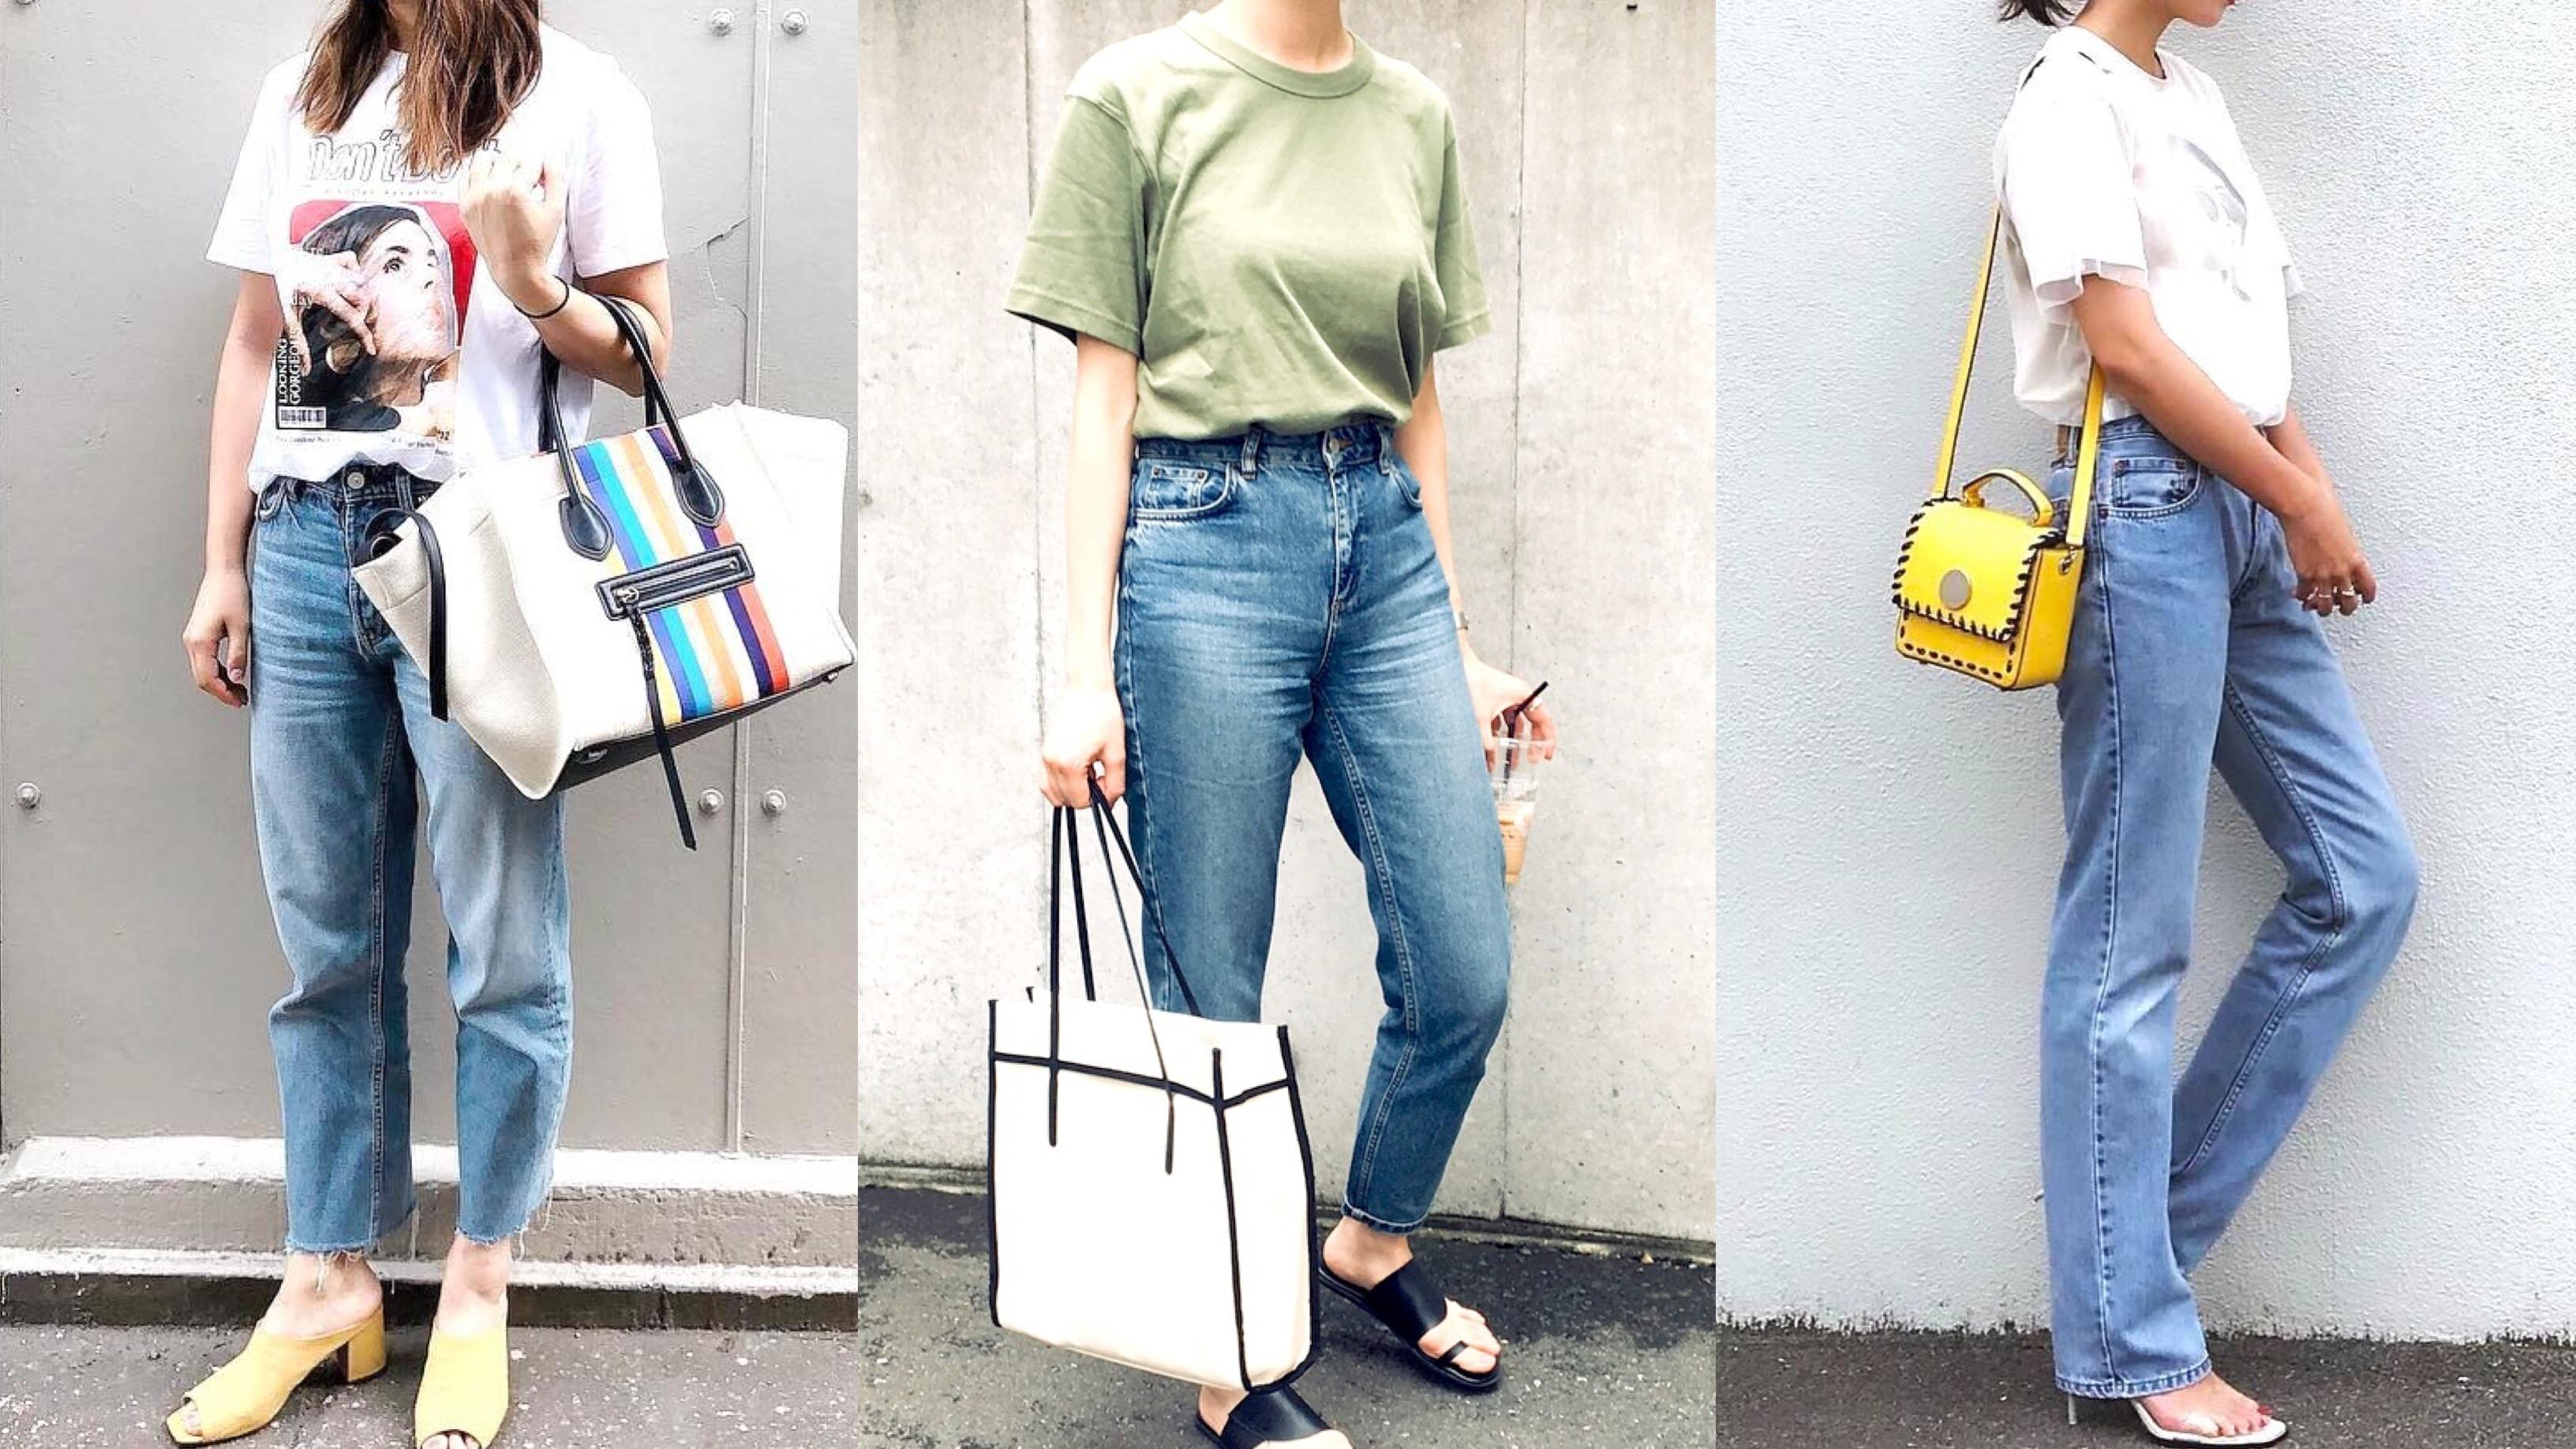 【MINESスナップ】Tシャツ+デニムで差がつく!アラサー女子の夏コーデ術